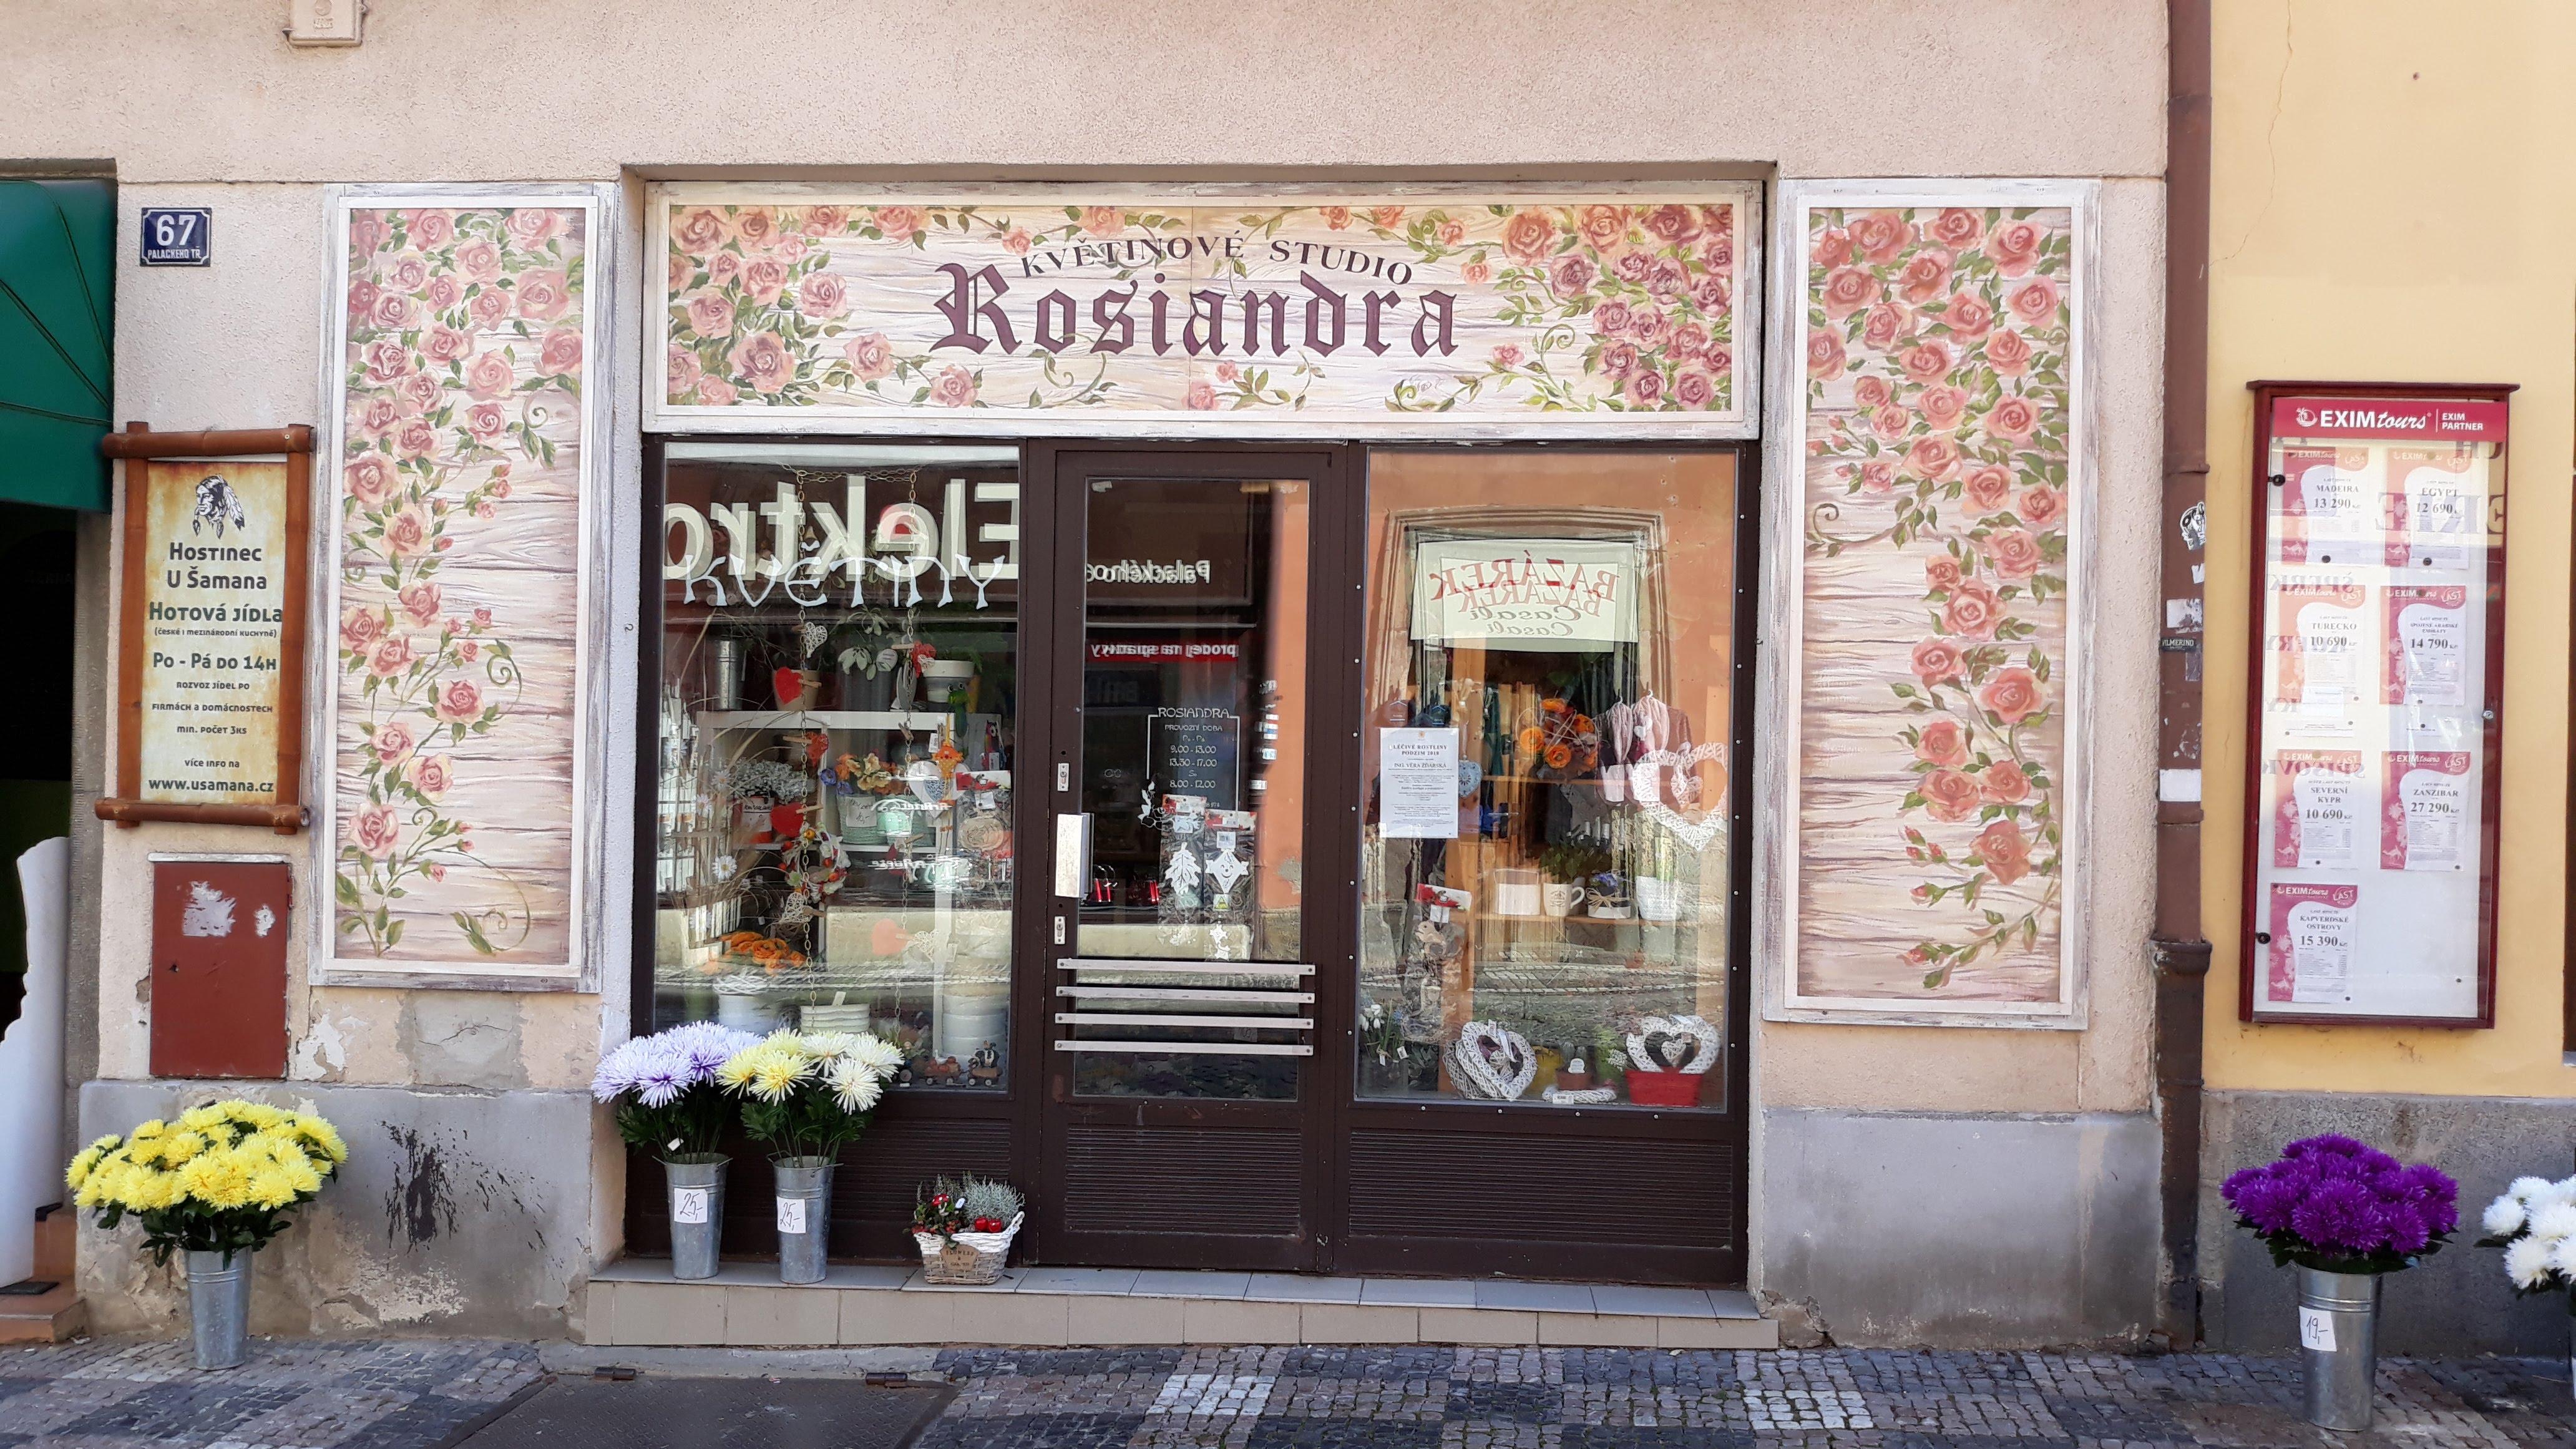 Květinářství Rosiandra